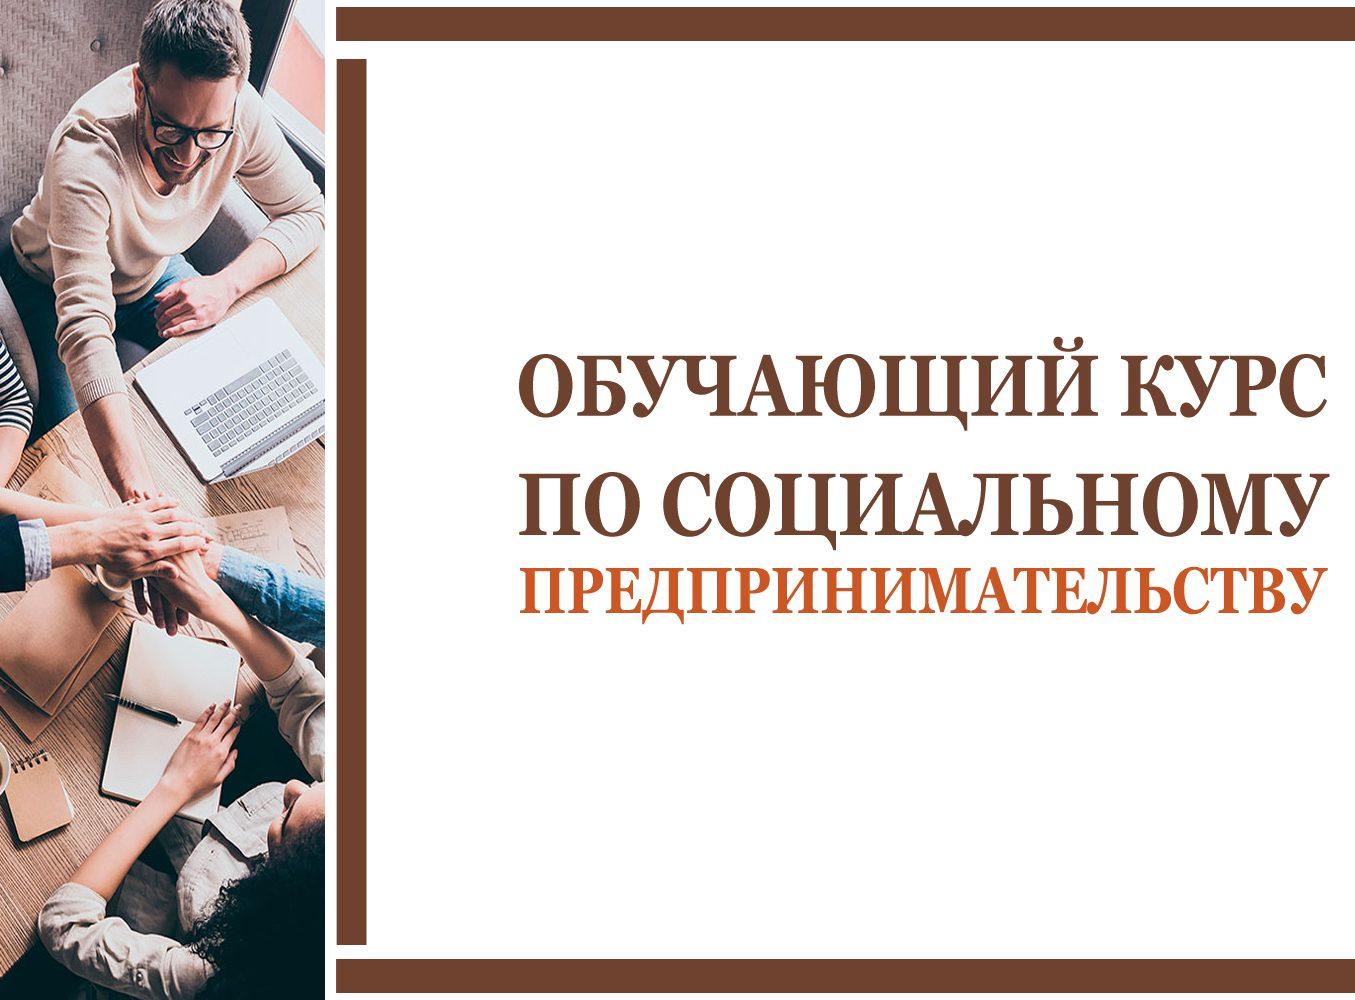 Вниманию предпринимателей! Консультационный центр благотворительного фонда «Свое дело» в г. Тверь открывает набор на бесплатный курс «Социальное предпринимательство»